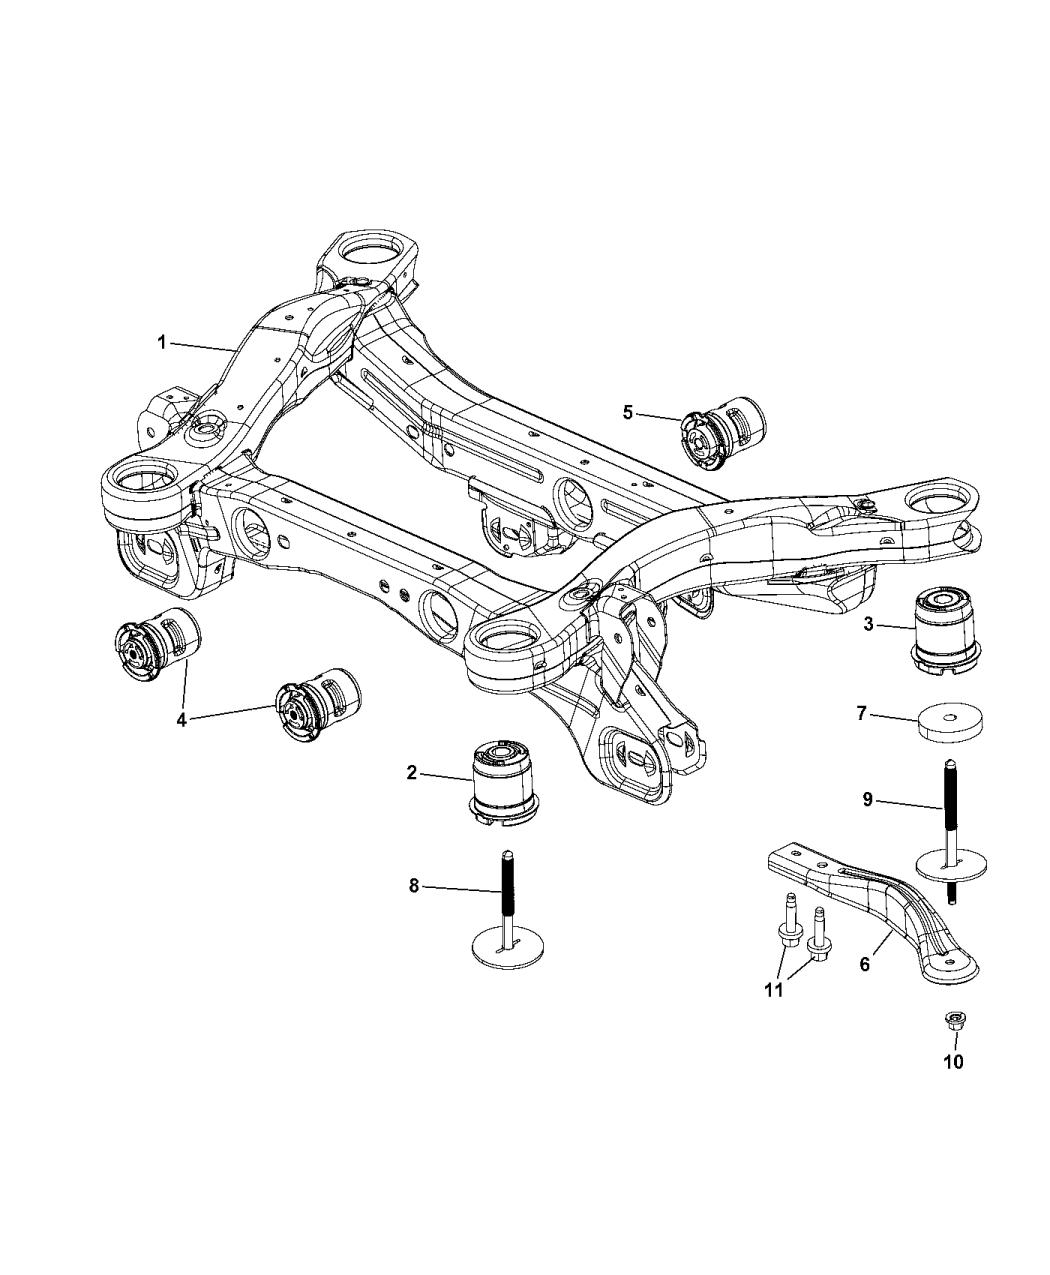 2015 jeep cherokee cradle, rear suspension